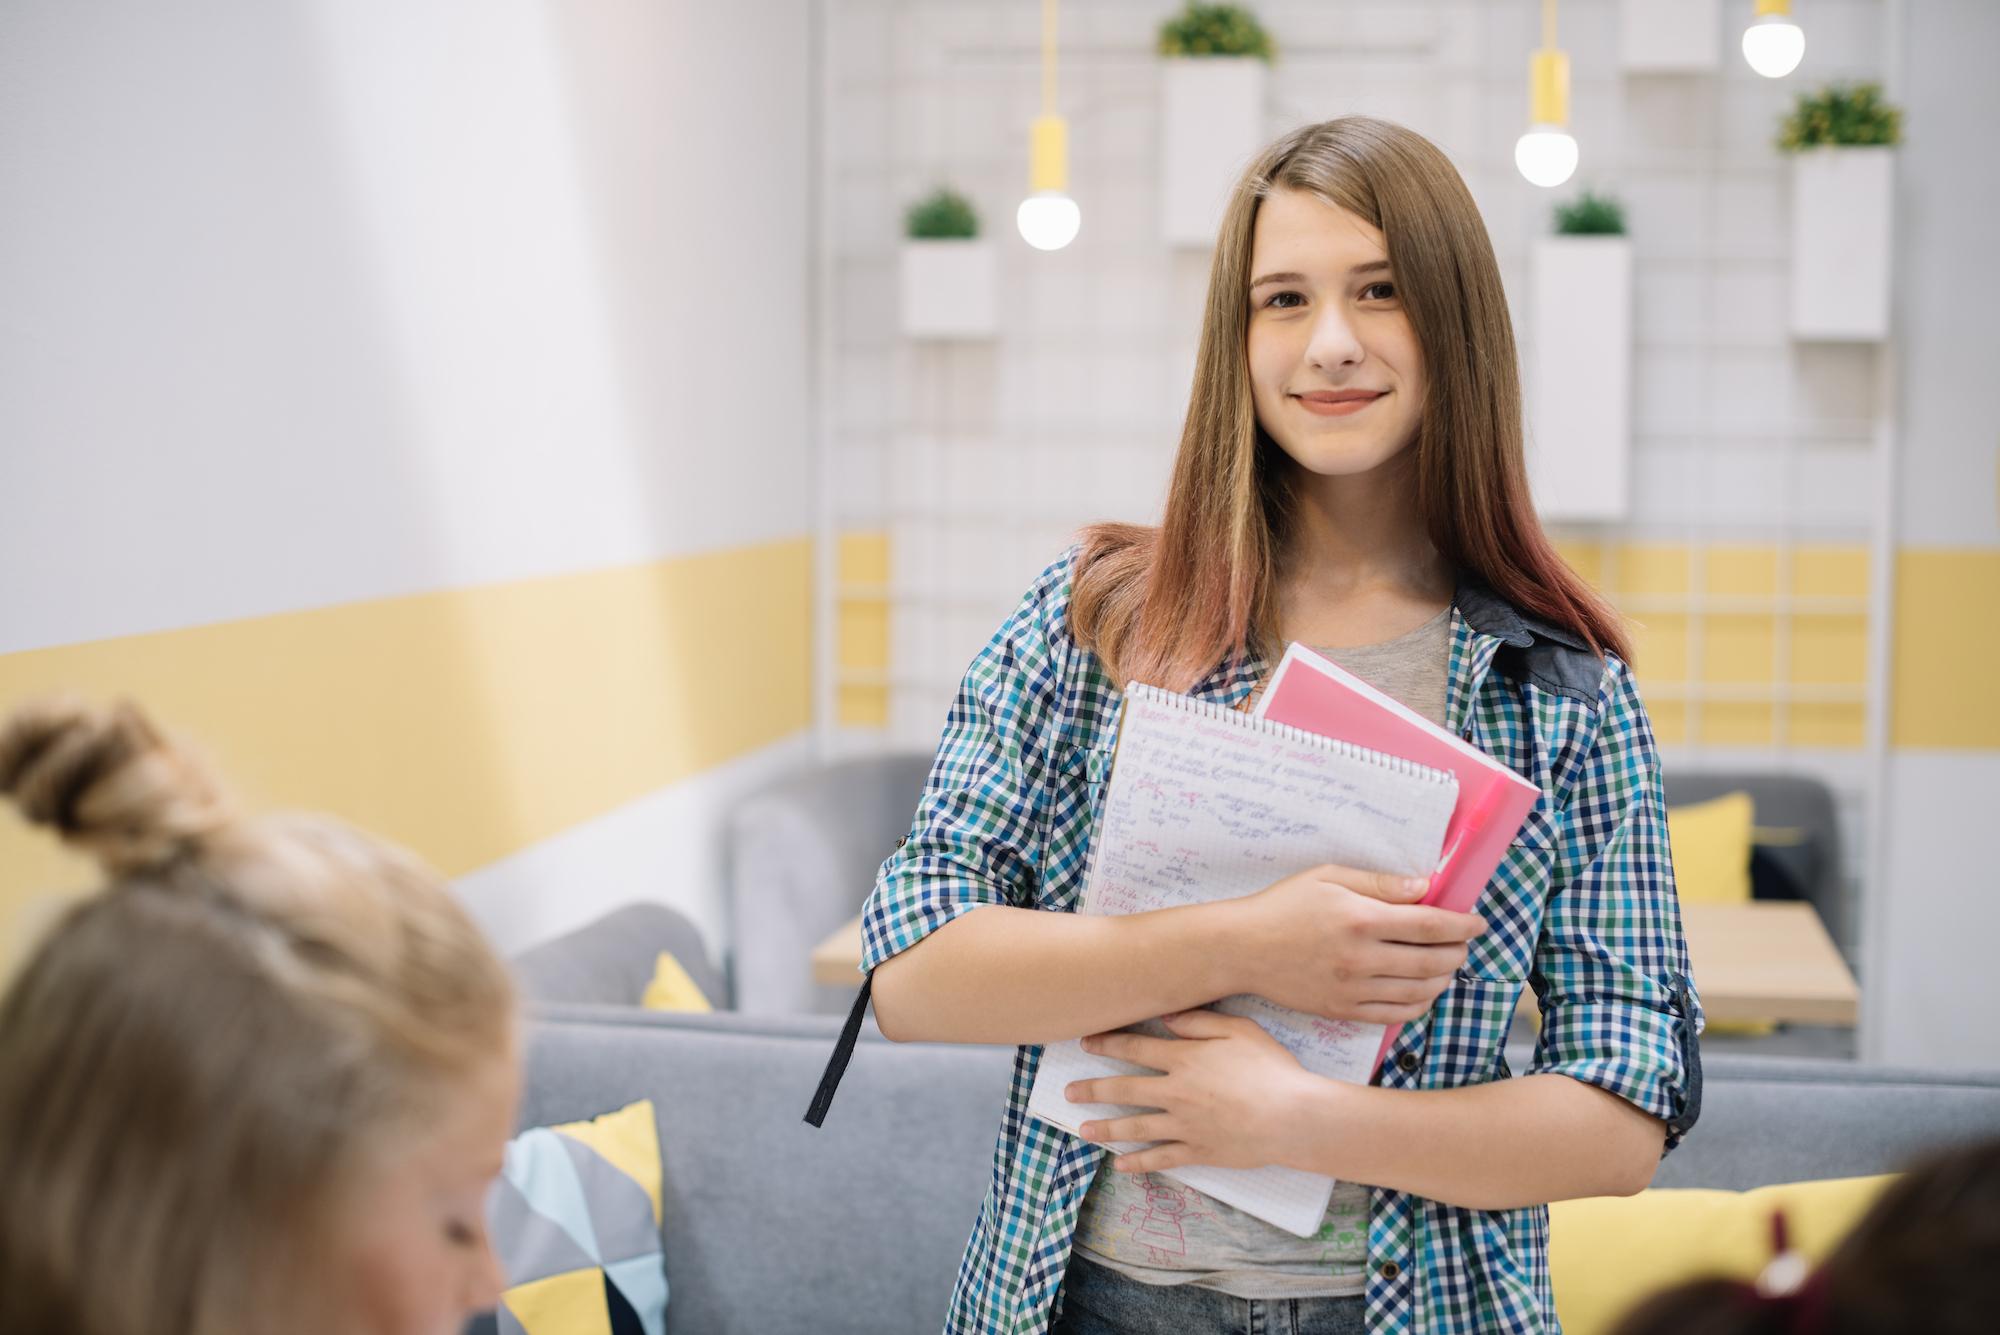 MEB 2021-2022 eğitim öğretim yılı çalışma takvimi açıklandı! İşte ara tatil ve yarıyıl tatillerinin tarihleri...